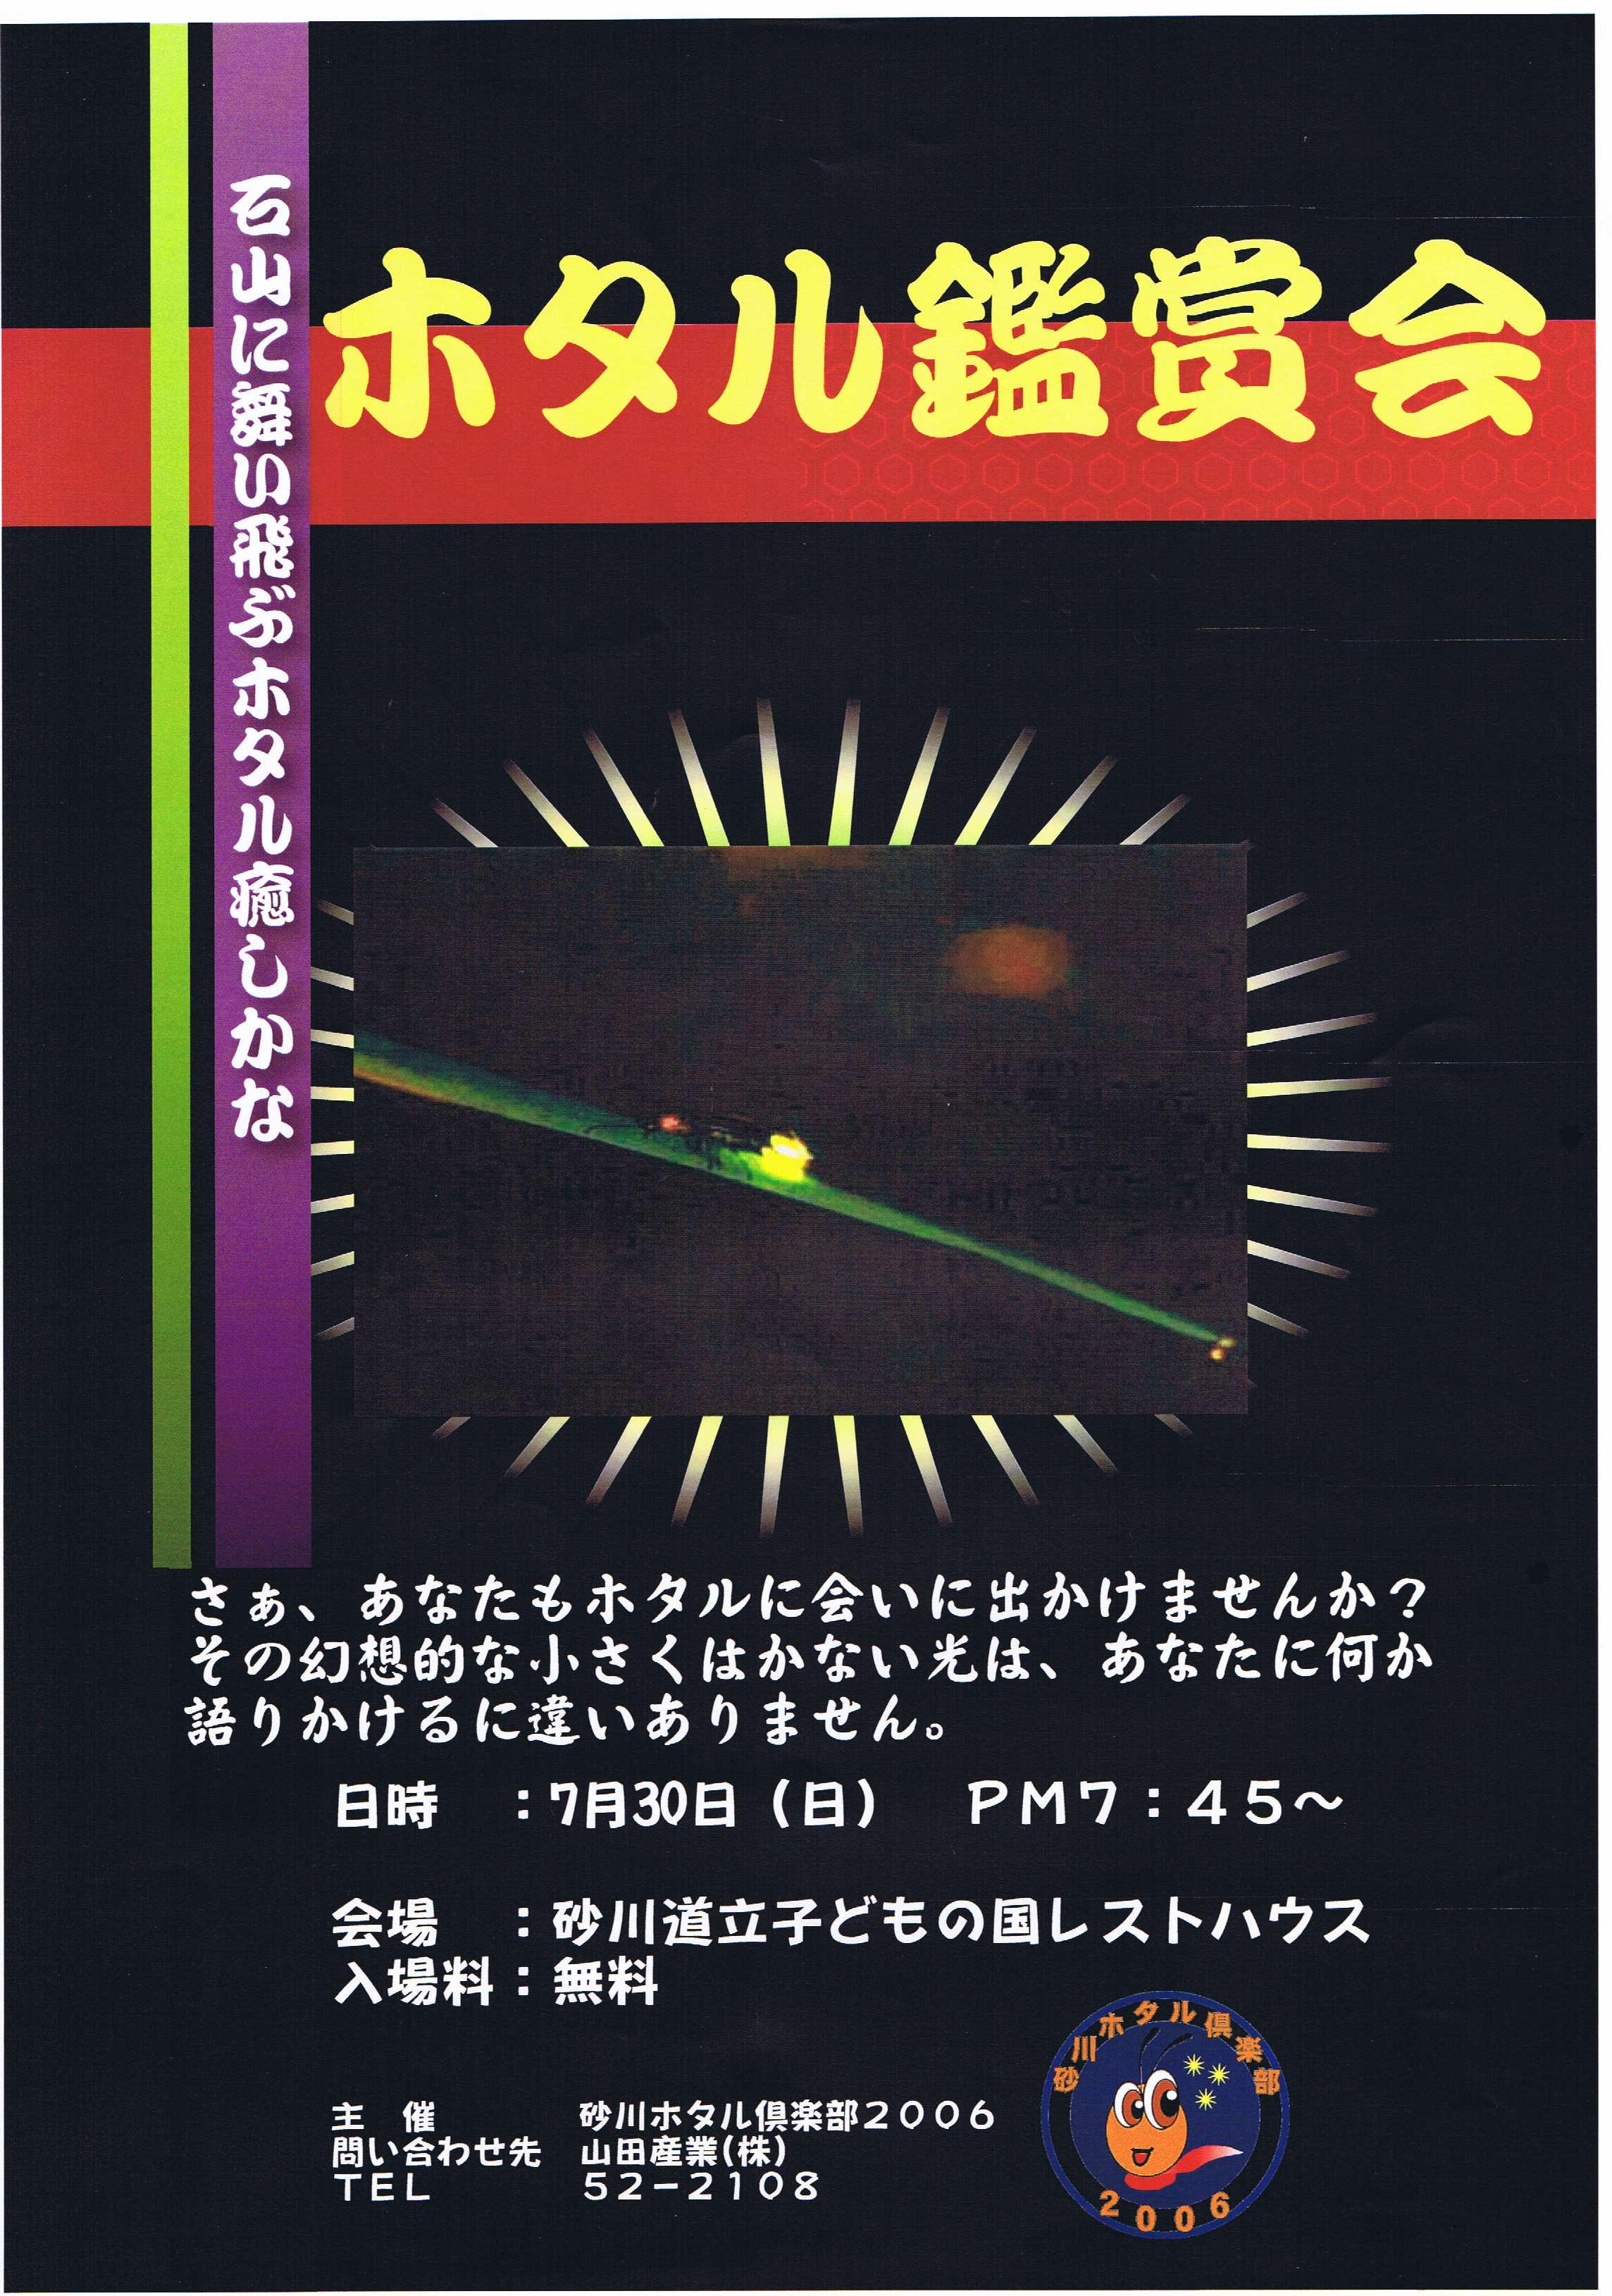 ホタル鑑賞会(2017年)のポスター